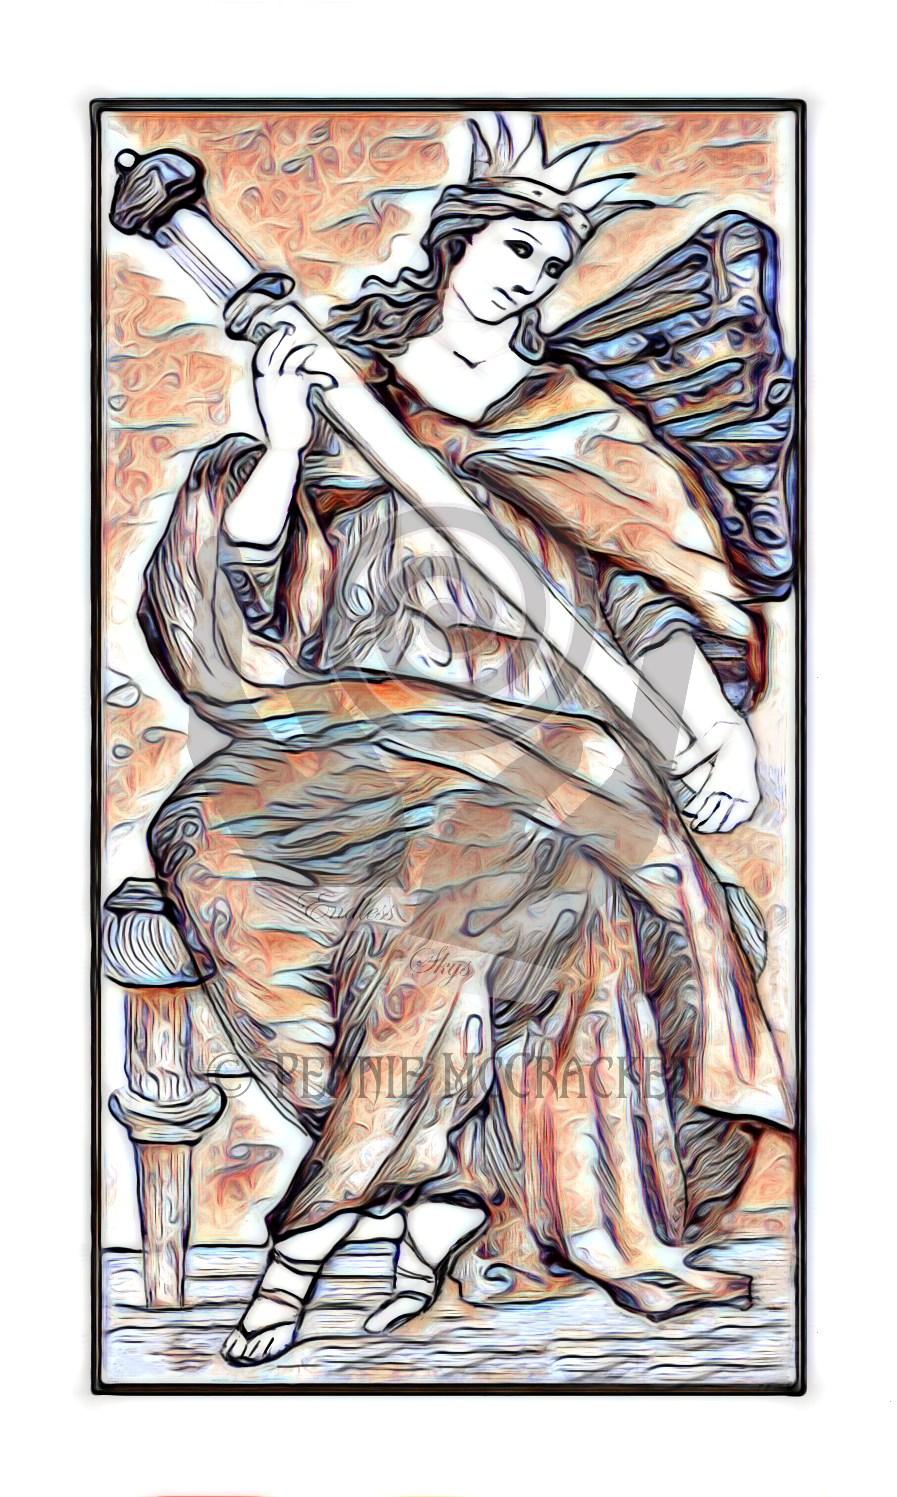 Minchiate Fiorentine Tarot Deck in Broze Style by Pennie McCracken - Endless Skys